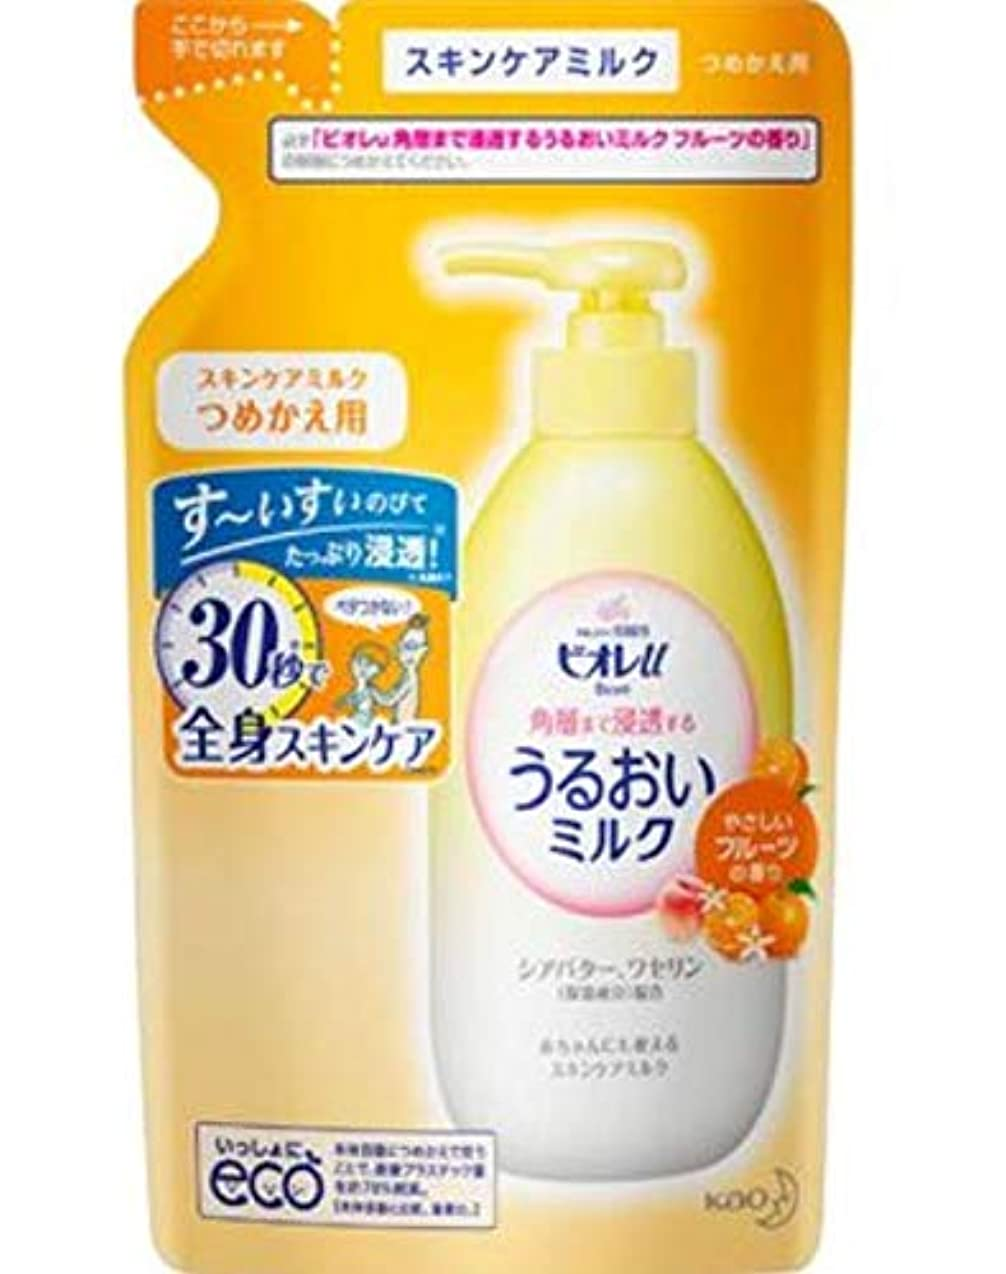 かもしれない新しさハーブビオレu 角層まで浸透 うるおいミルク フルーツ 250ml 詰替